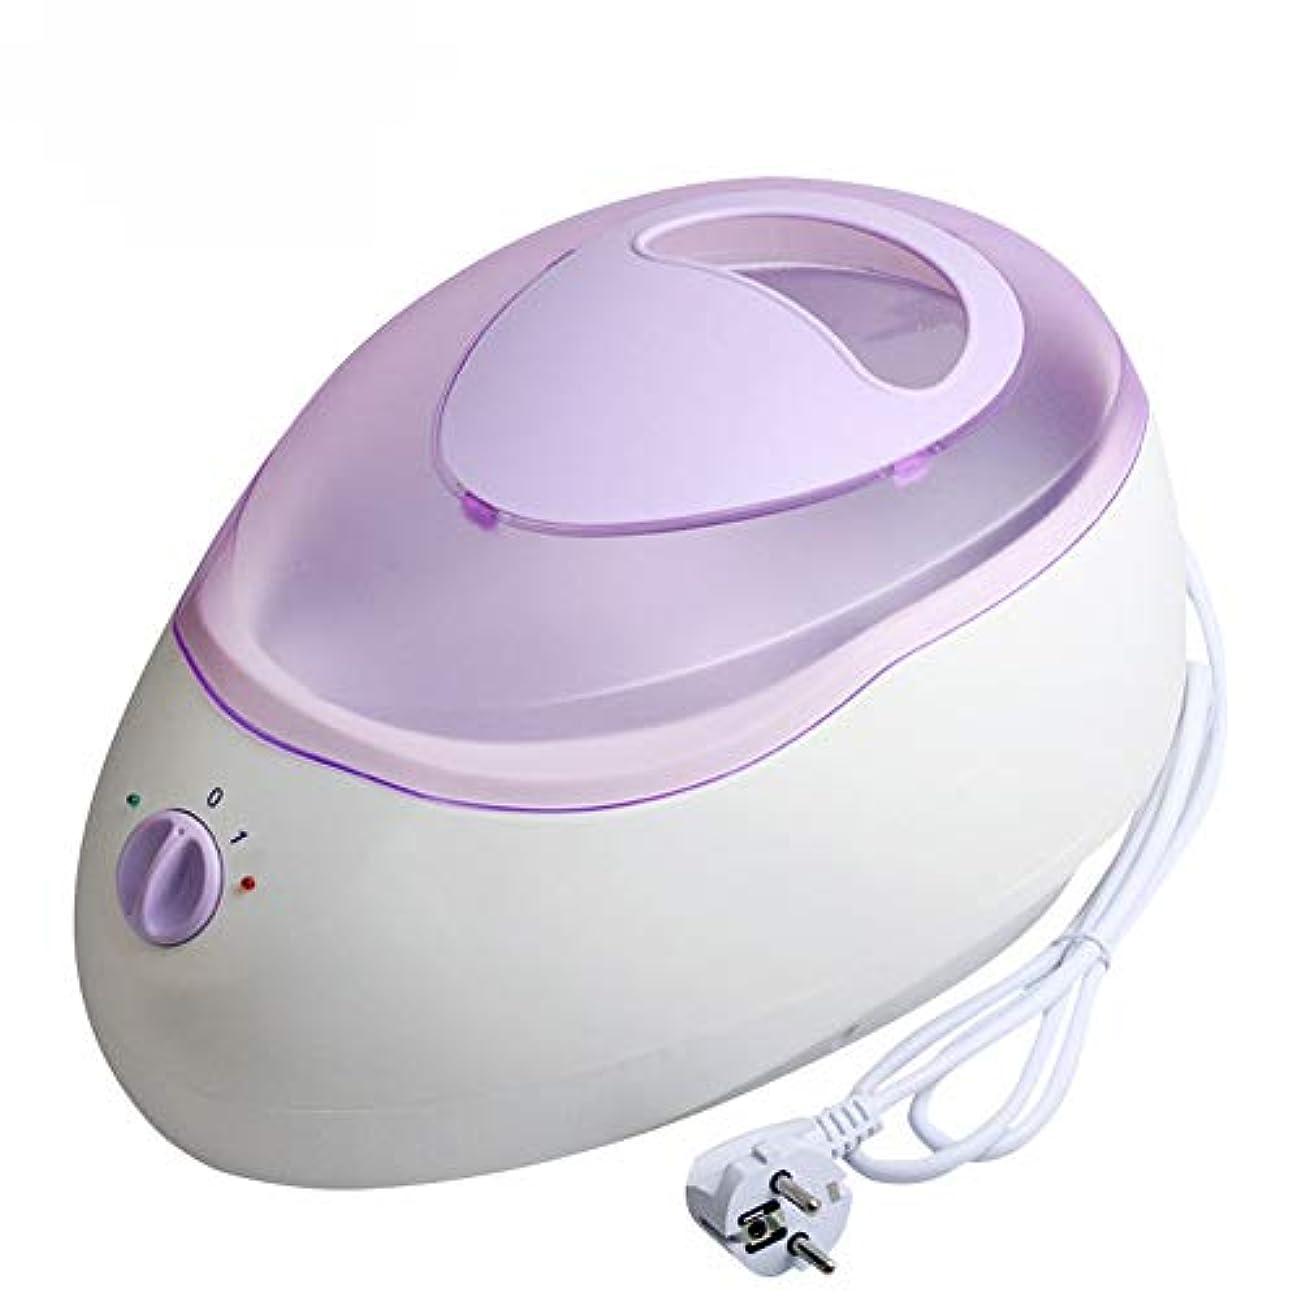 発症気付くメール2.3 Lパラフィンヒーター療法バスワックスポットウォーマービューティーサロンスパ美容器機スキンケアツールワックスヒーター,紫色